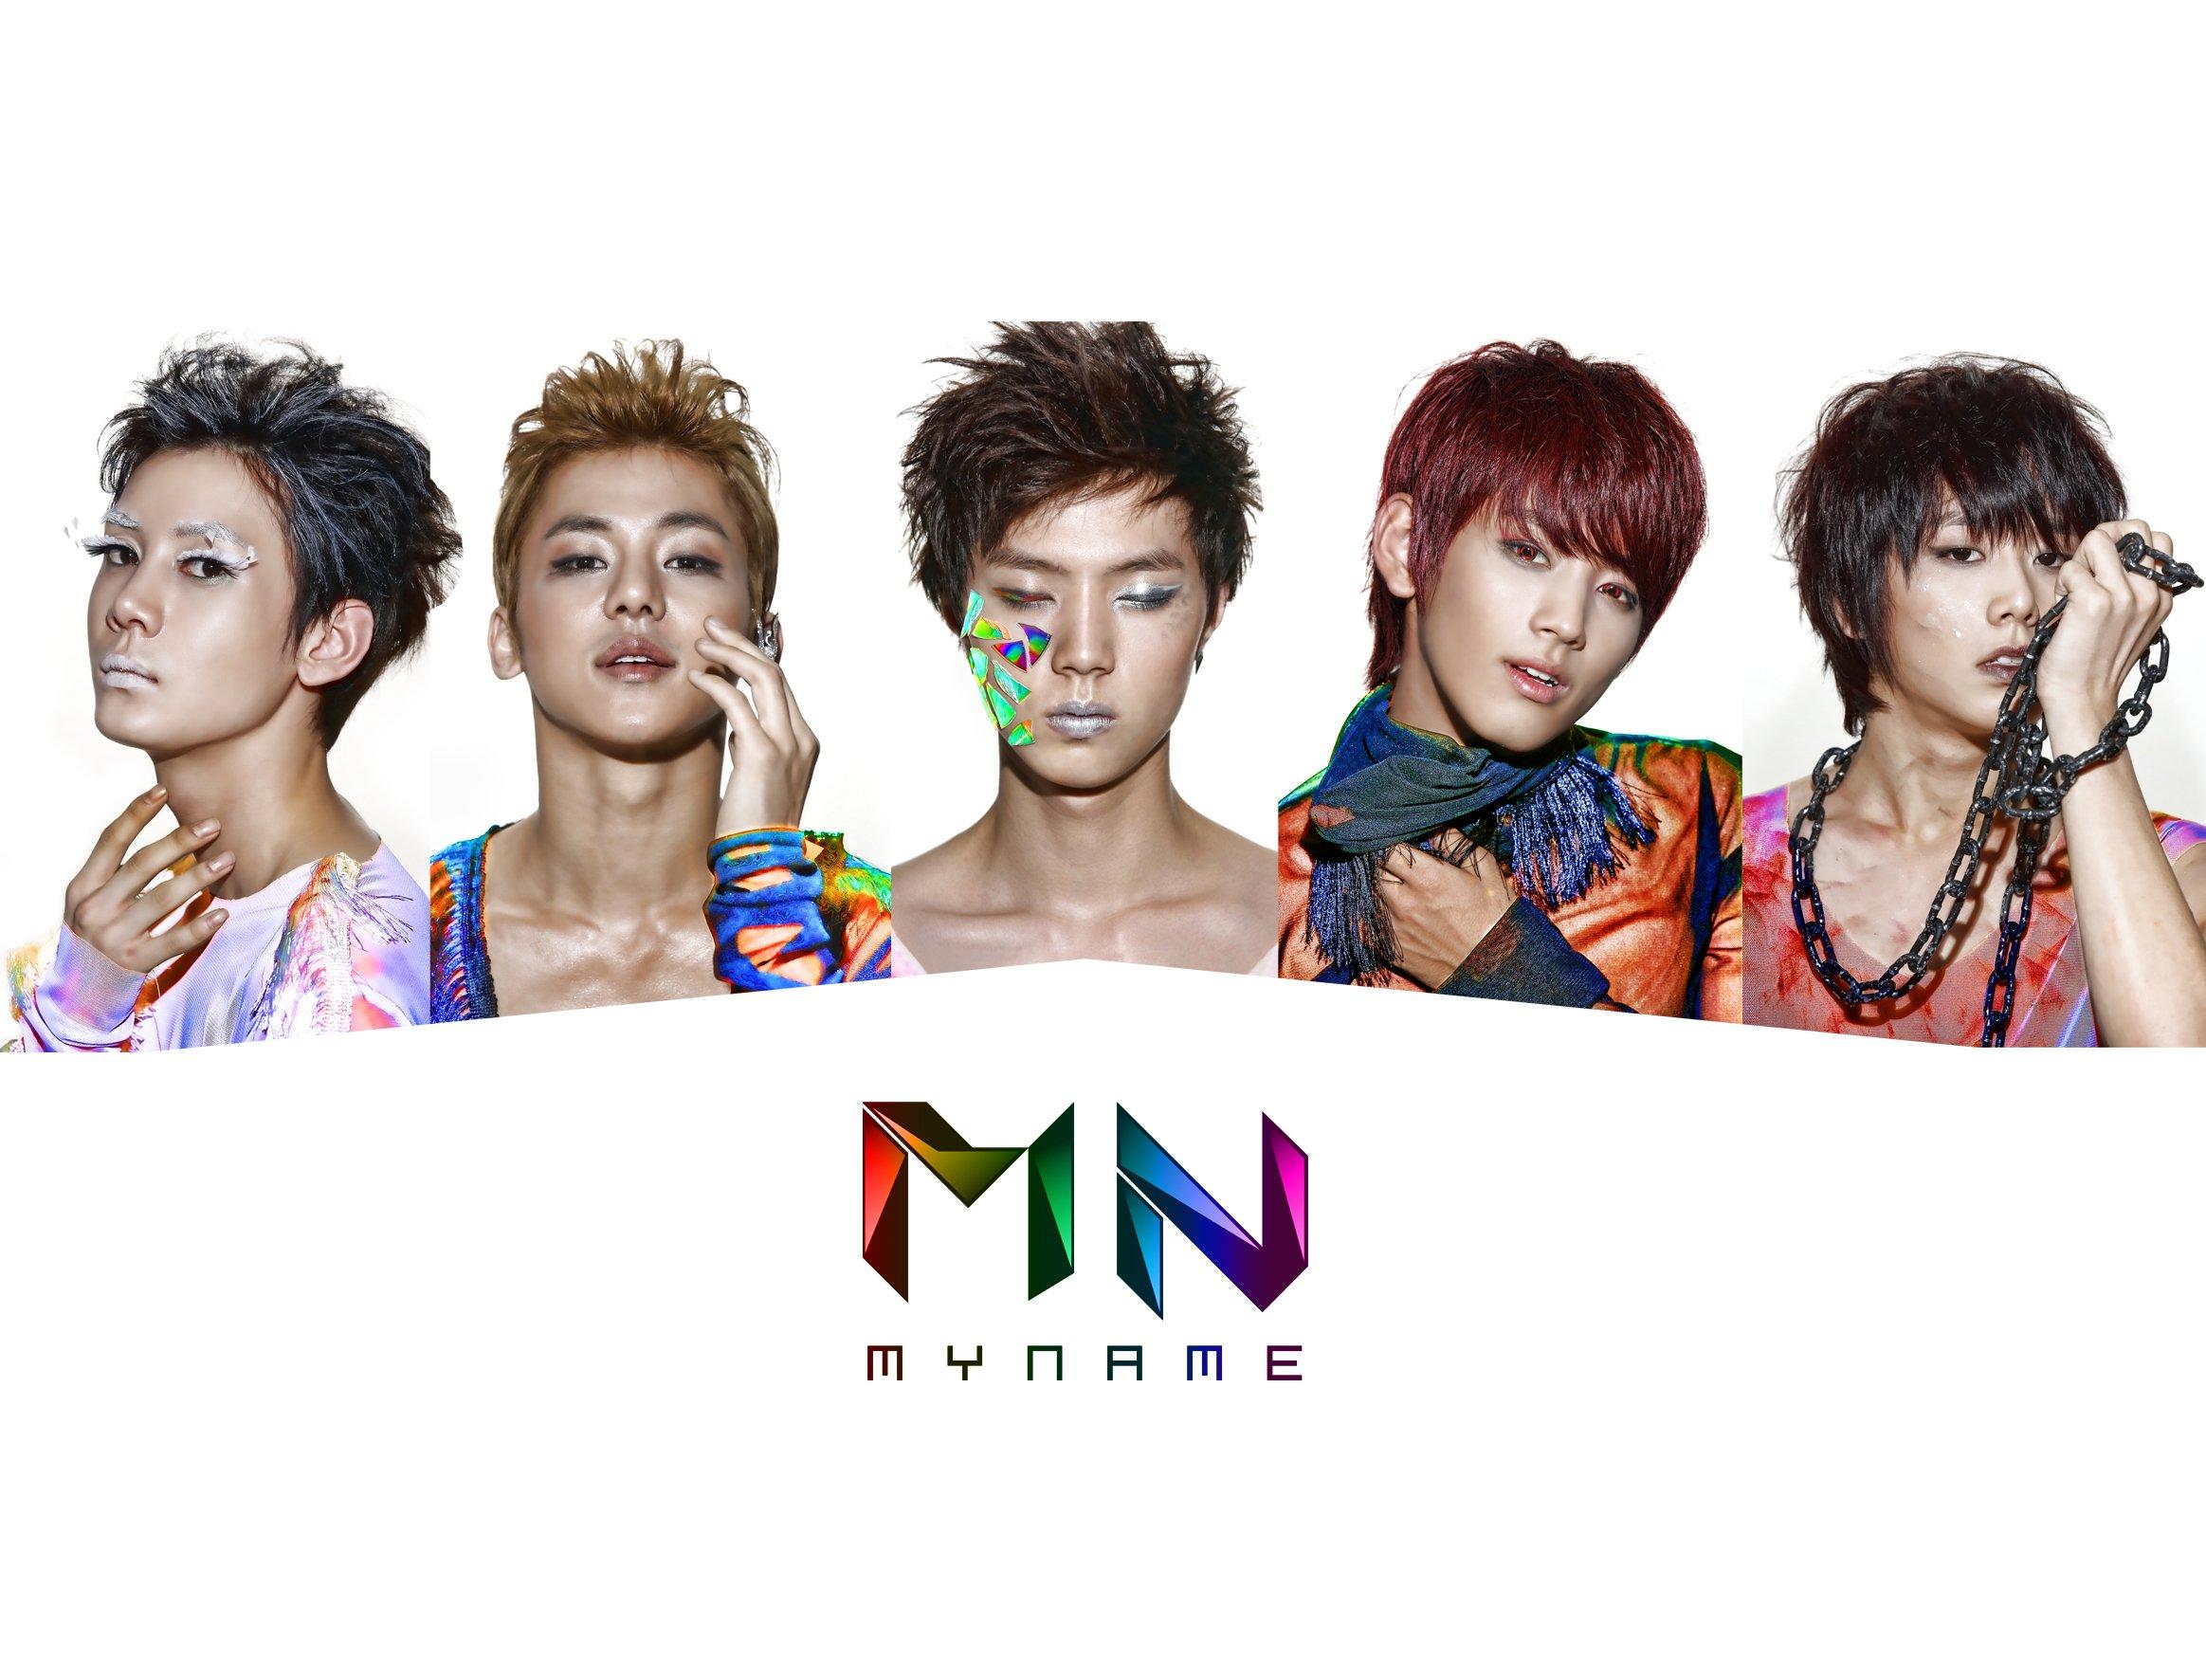 MYNAME kpop jpop pop name wallpaper | 2327x1772 | 523093 ...